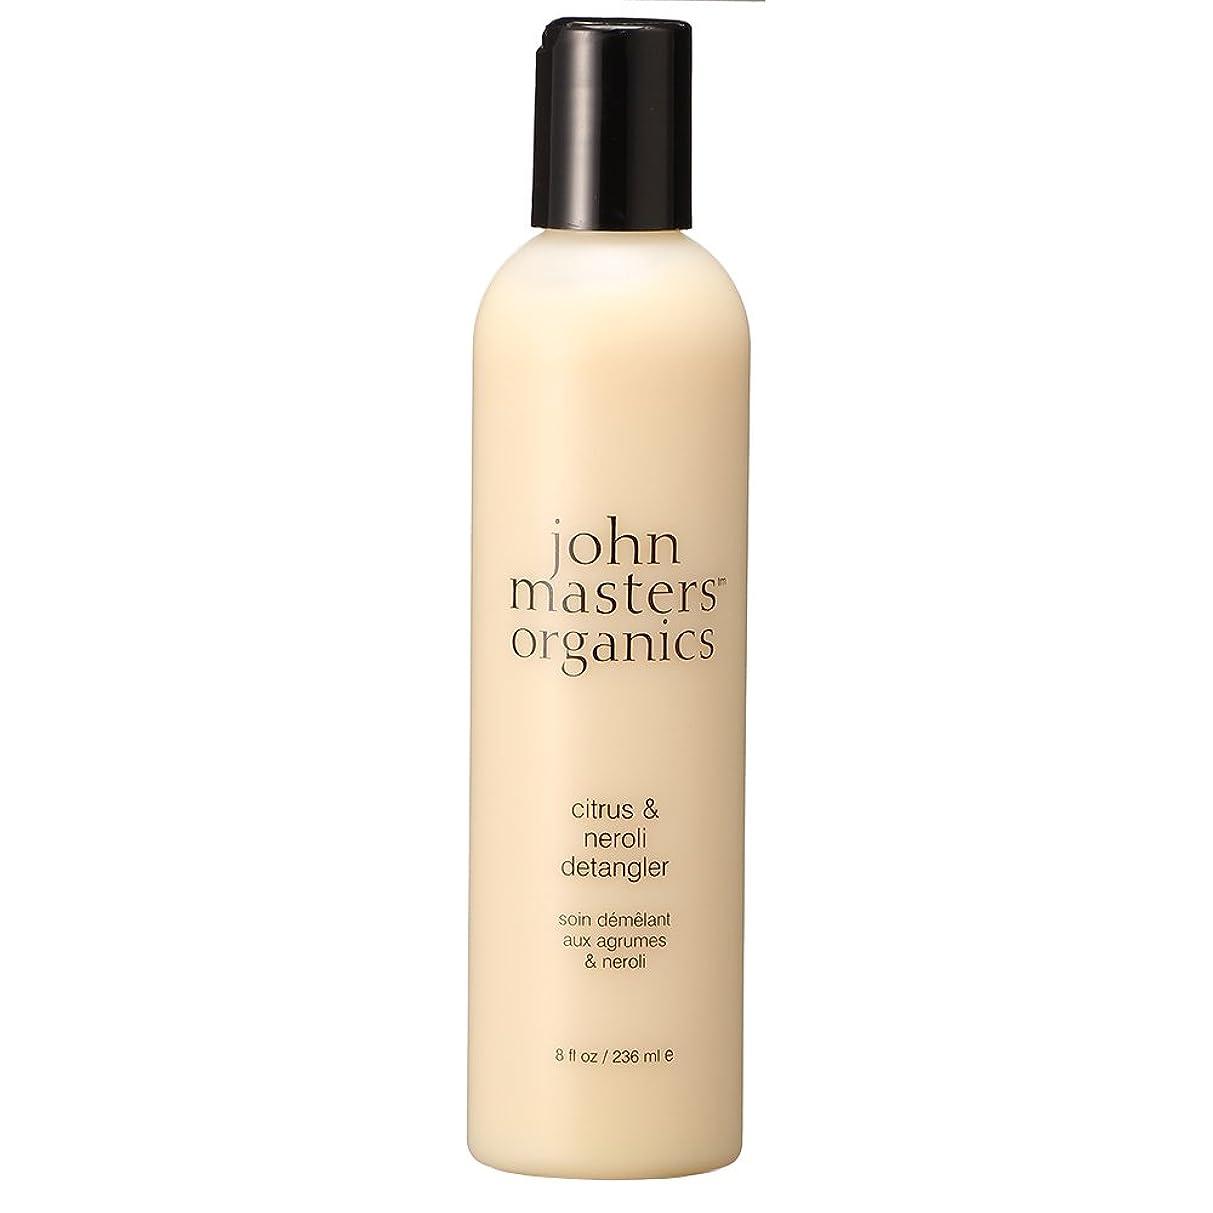 ピカリング手荷物ビットJohnMastersOrganics(John Masters Organics ジョンマスター)オーガニック シトラス&ネロリ デタングラー ヘアケア Hair Care CD 669558-500068 【コンディショナー】